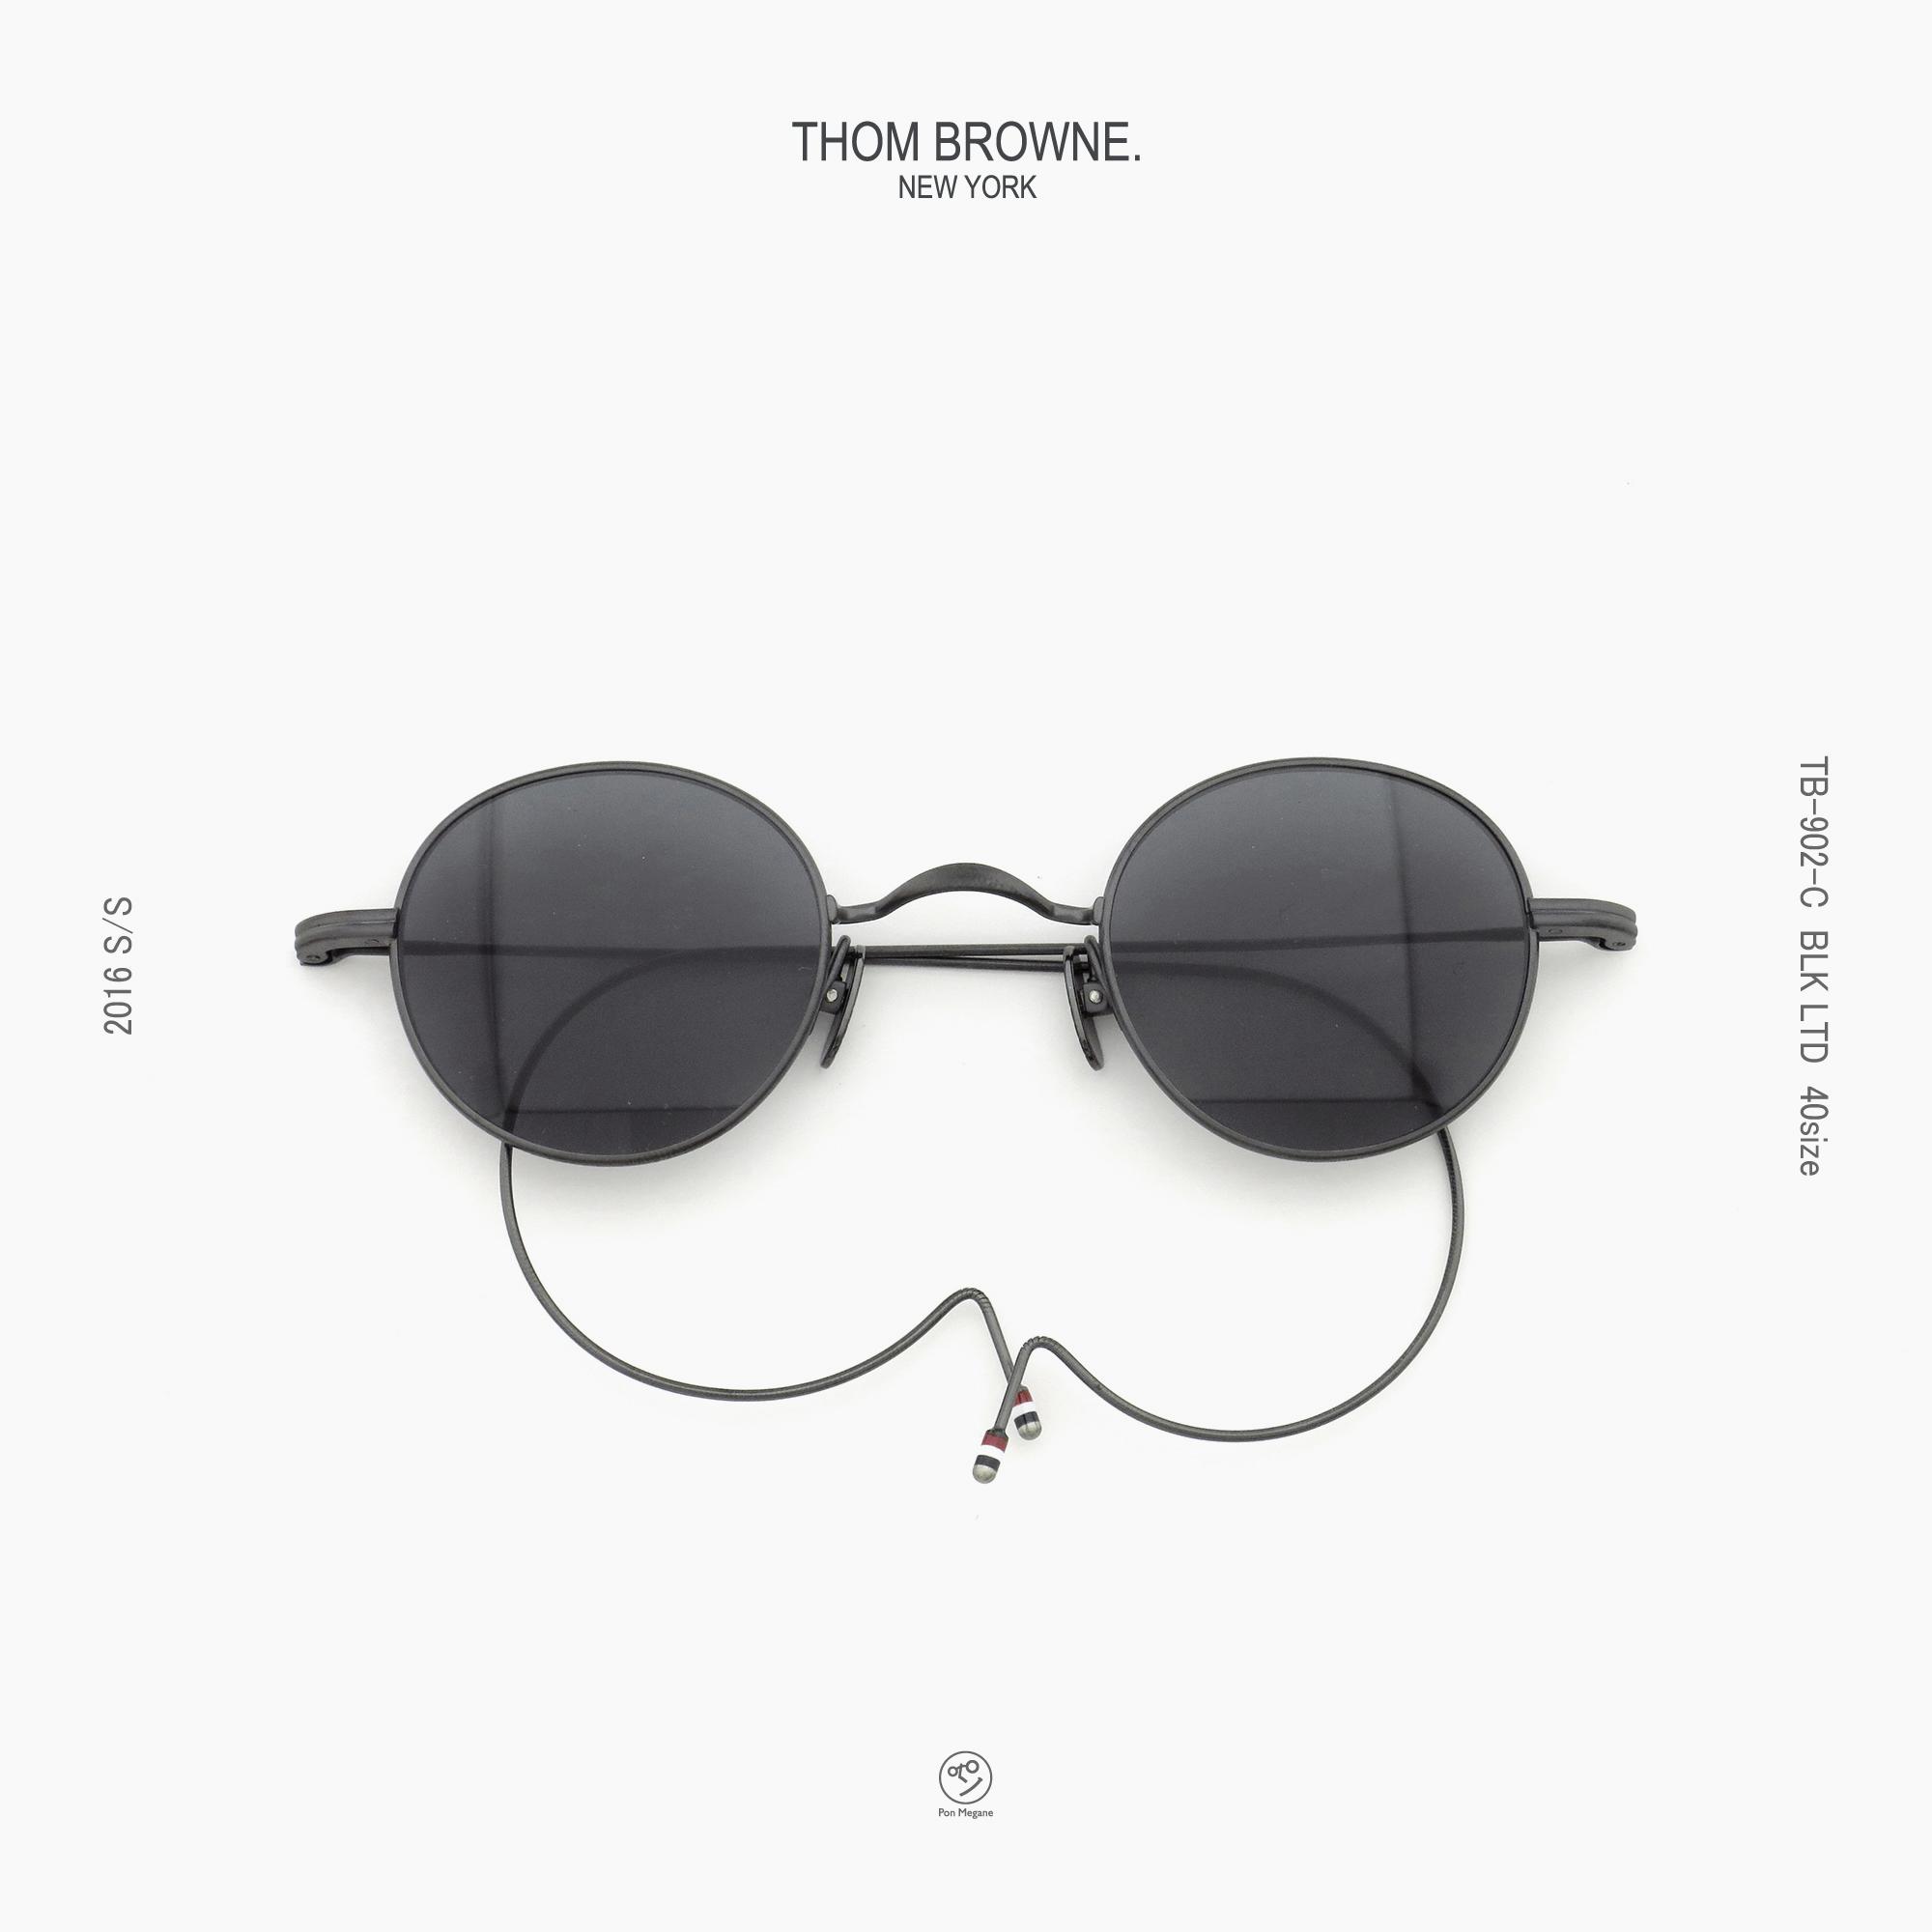 THOM-BROWNE_TB-902-C_BLK_LTD_40_insta